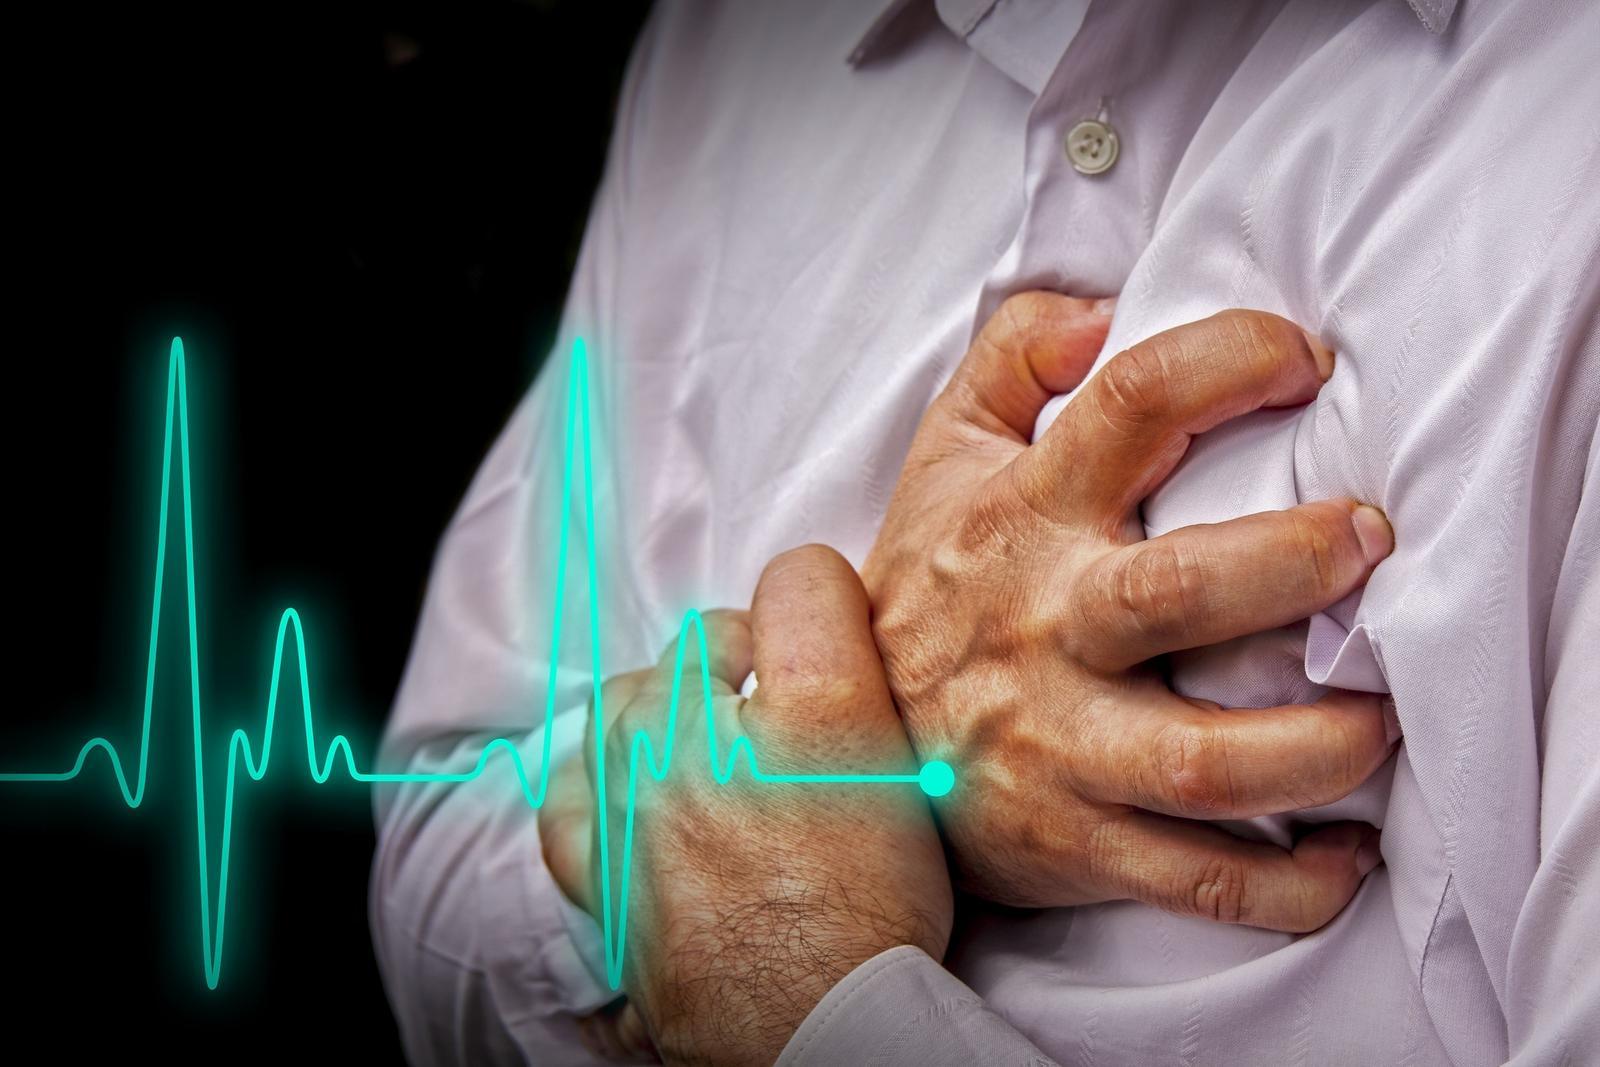 monografija apie hipertenziją ką daryti, jei skauda galvą su hipertenzija